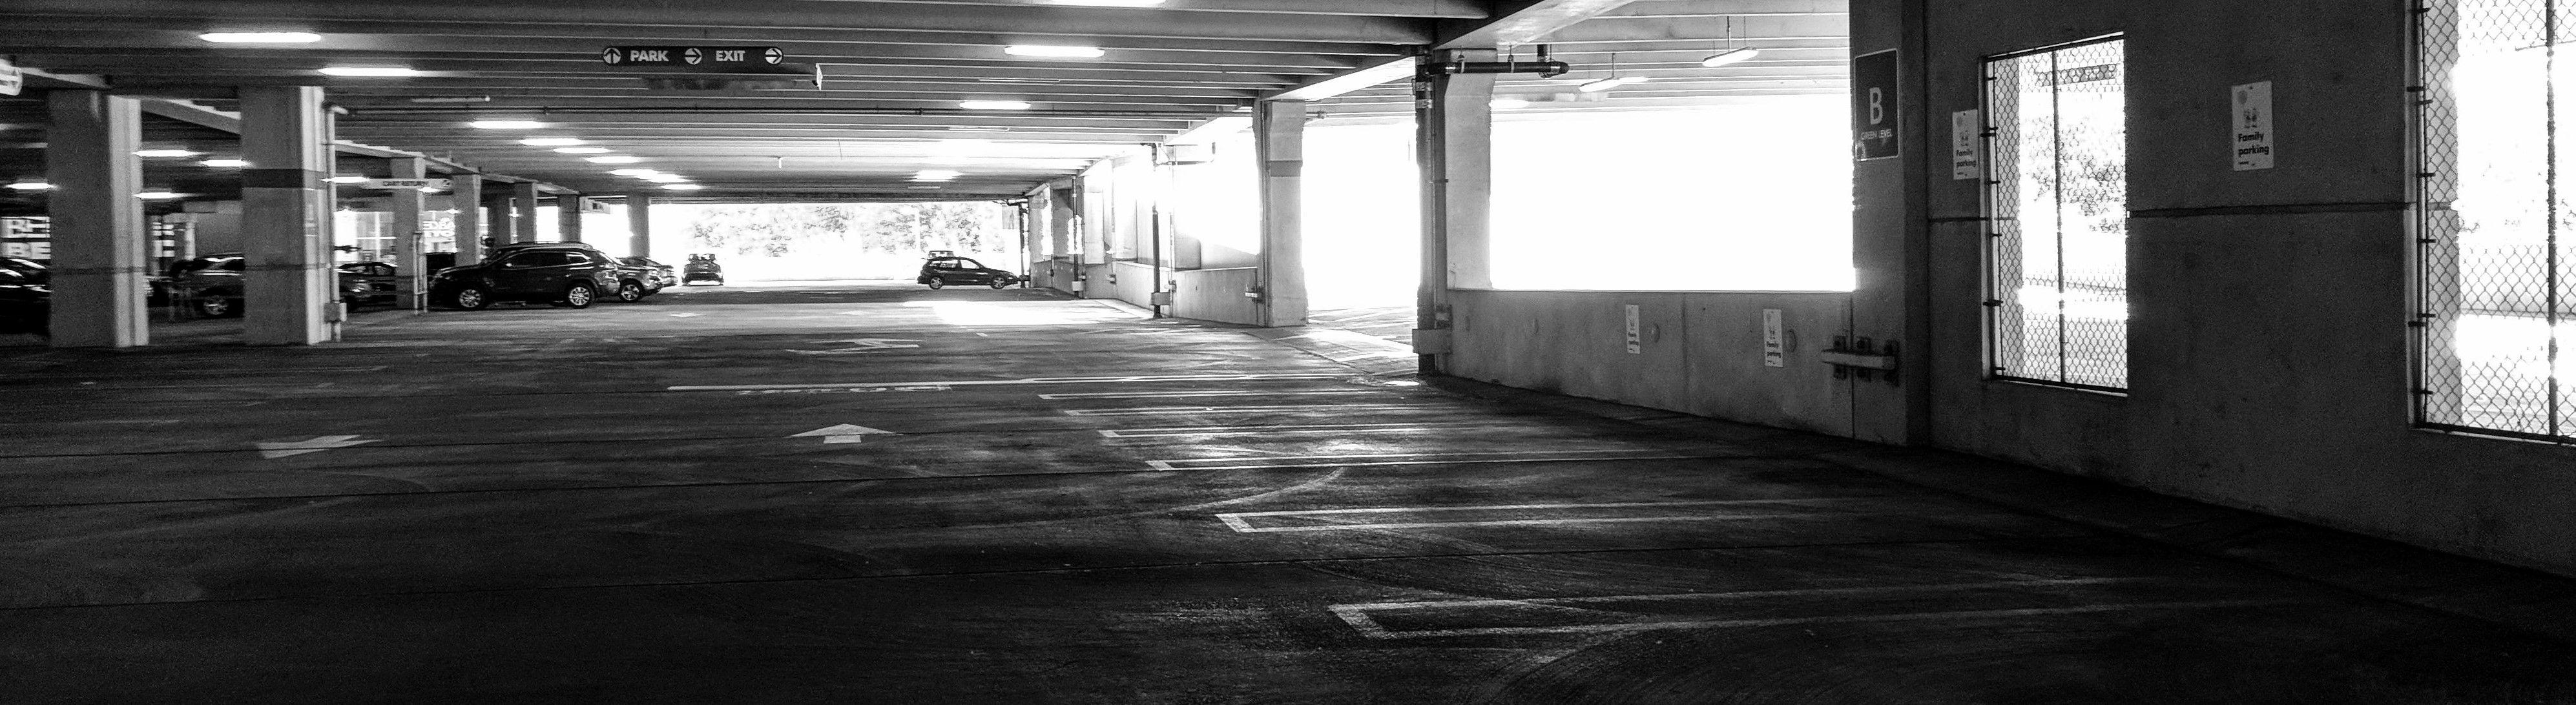 Onfloor_Repair_Pits_Concrete_Garage_Flooring